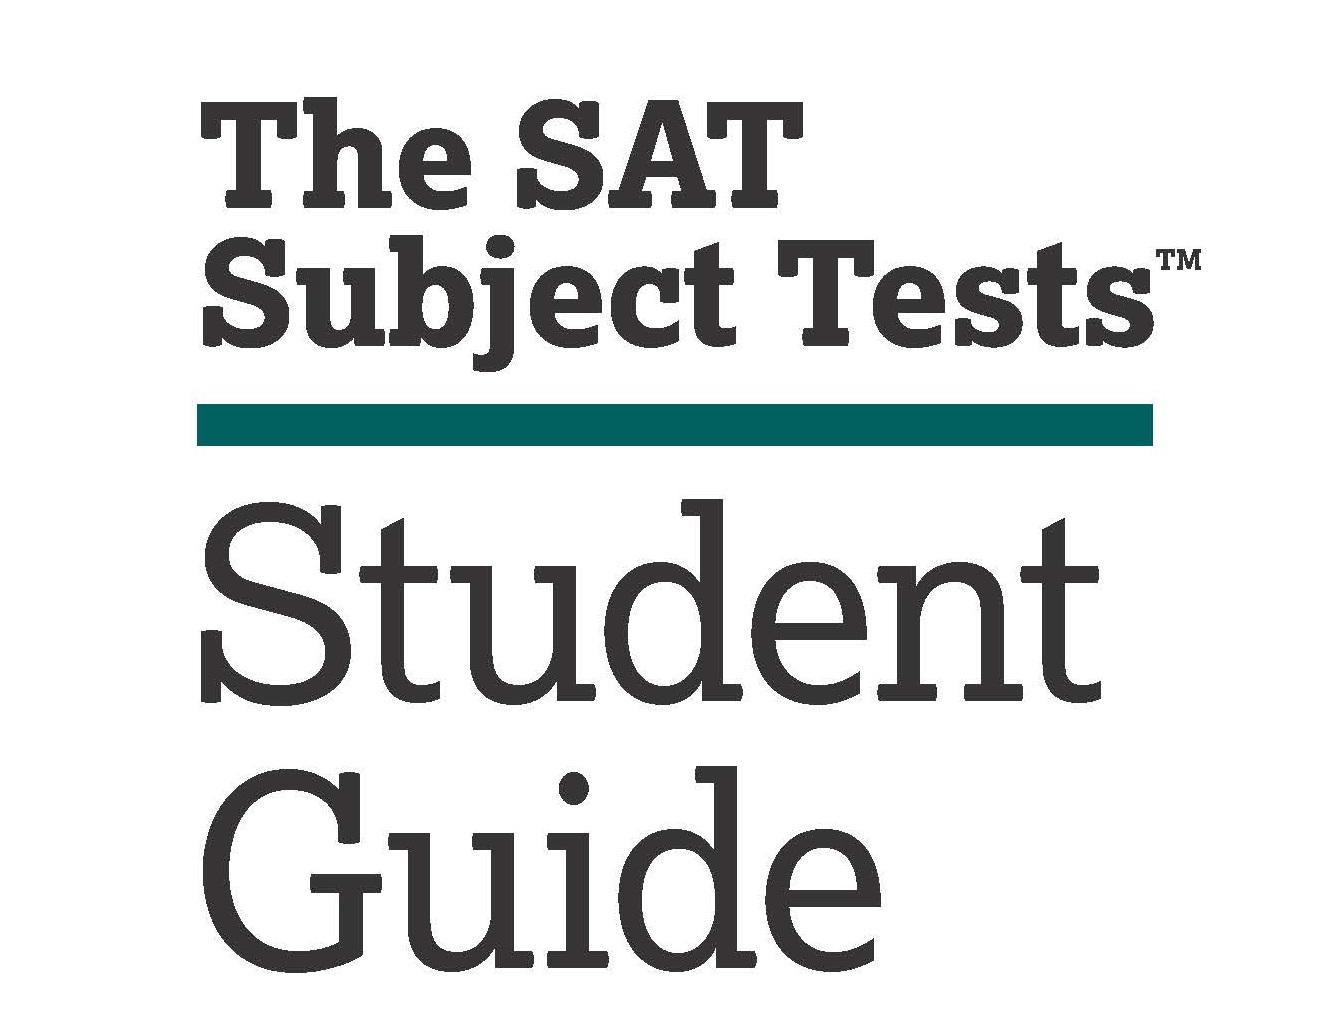 คู่มือการสอบ SAT สำหรับนักเรียน [The SAT Subject Tests